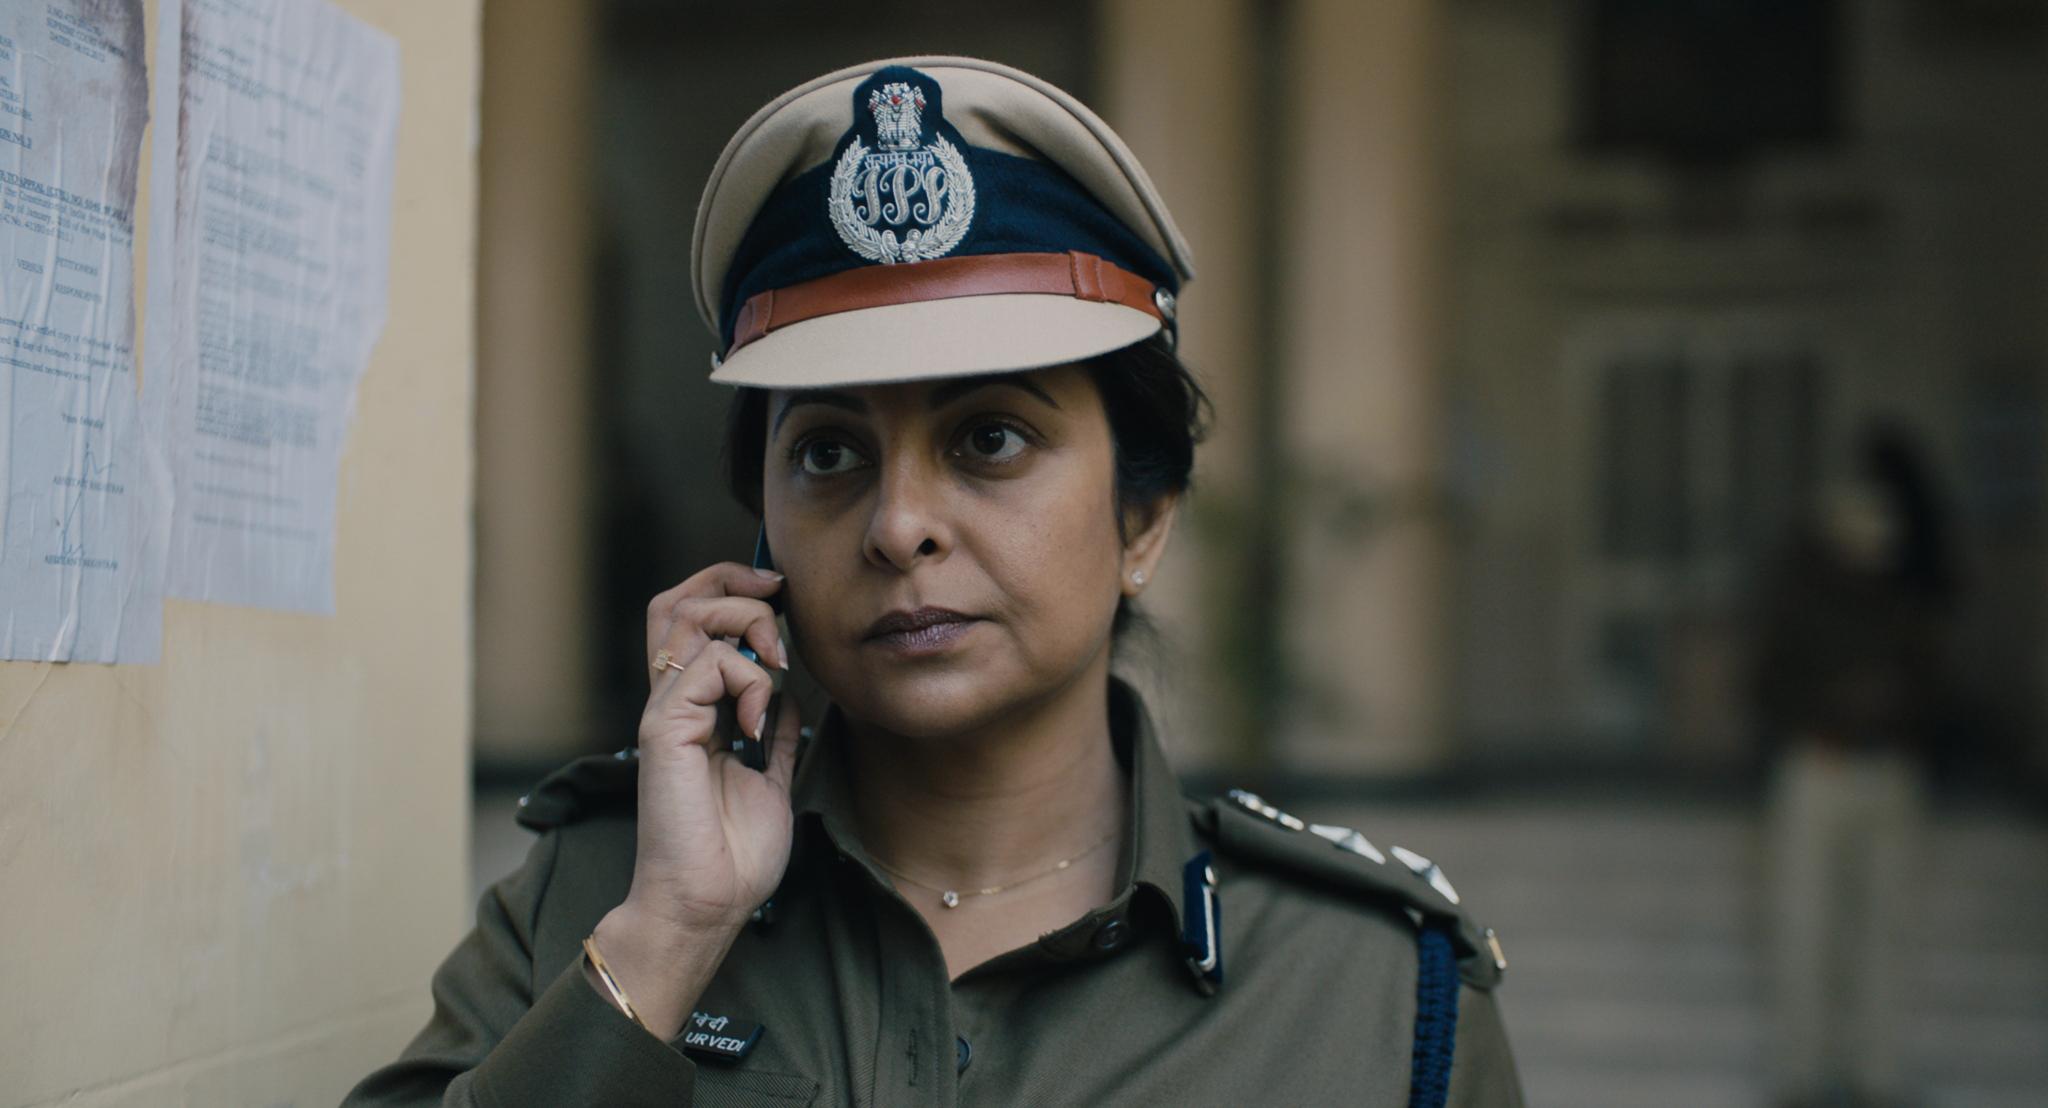 Бодипозитив, индийский триллер и Чернобыль. Главные сериалы весны